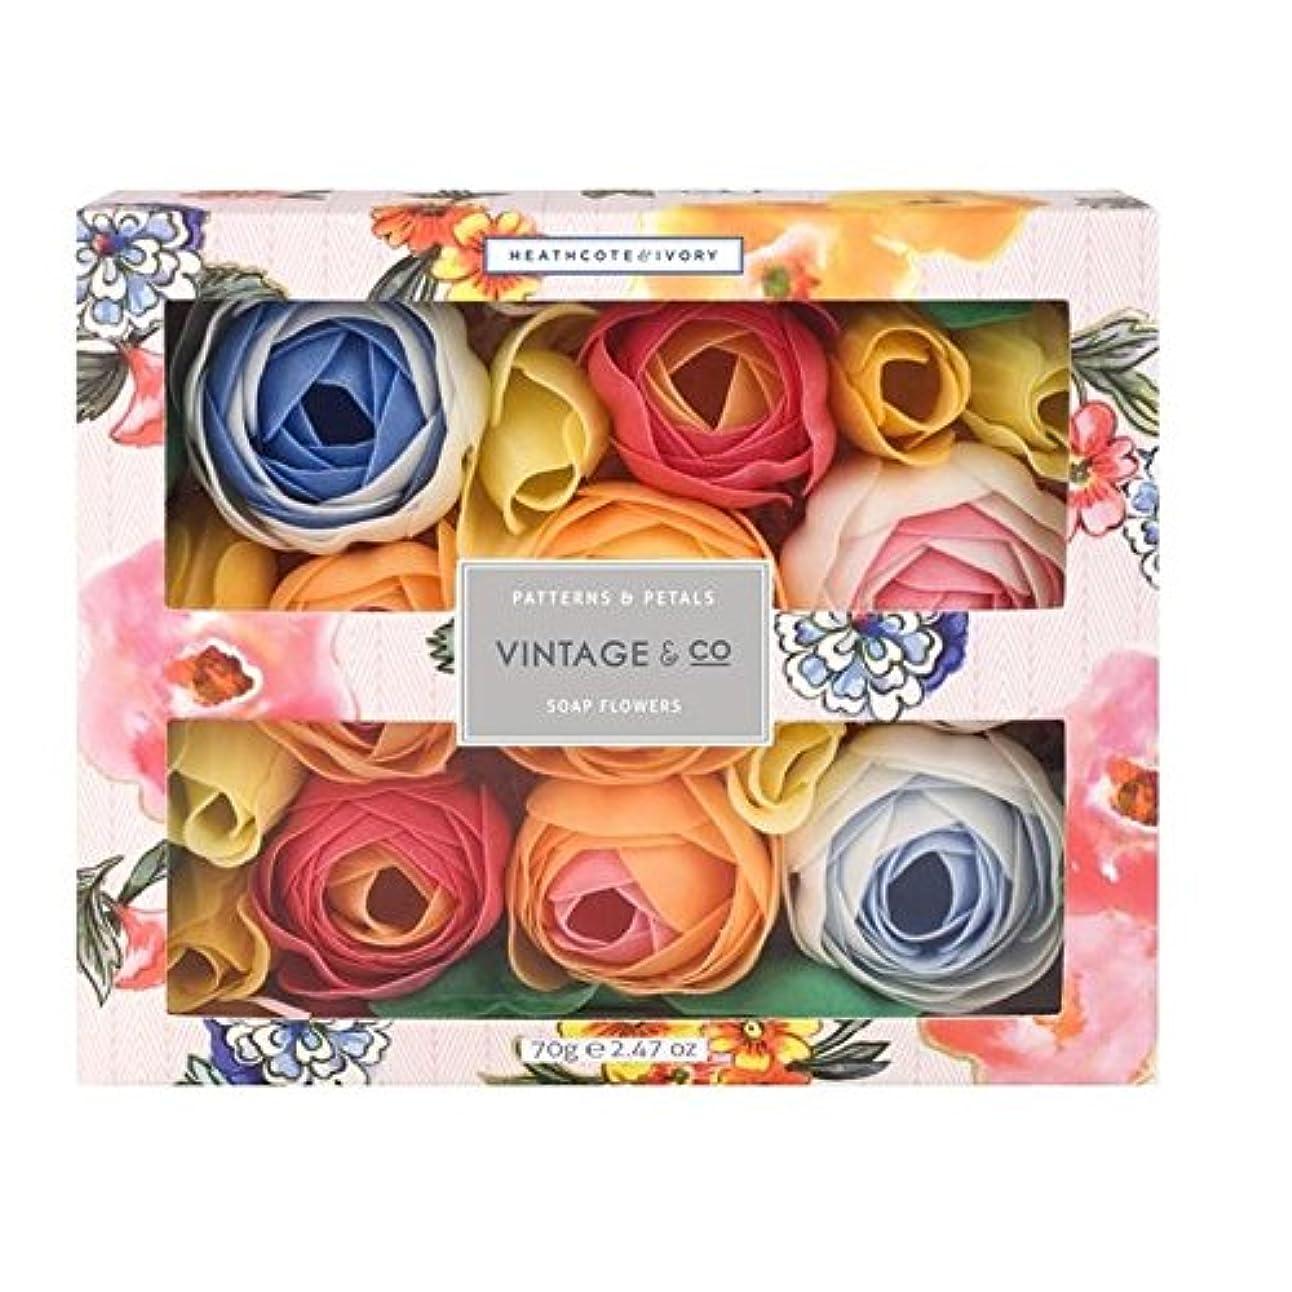 聴衆突撃国旗Heathcote & Ivory Patterns & Petals Soap Flowers 70g - ヒースコート&アイボリーパターン&花びら石鹸の花70グラム [並行輸入品]